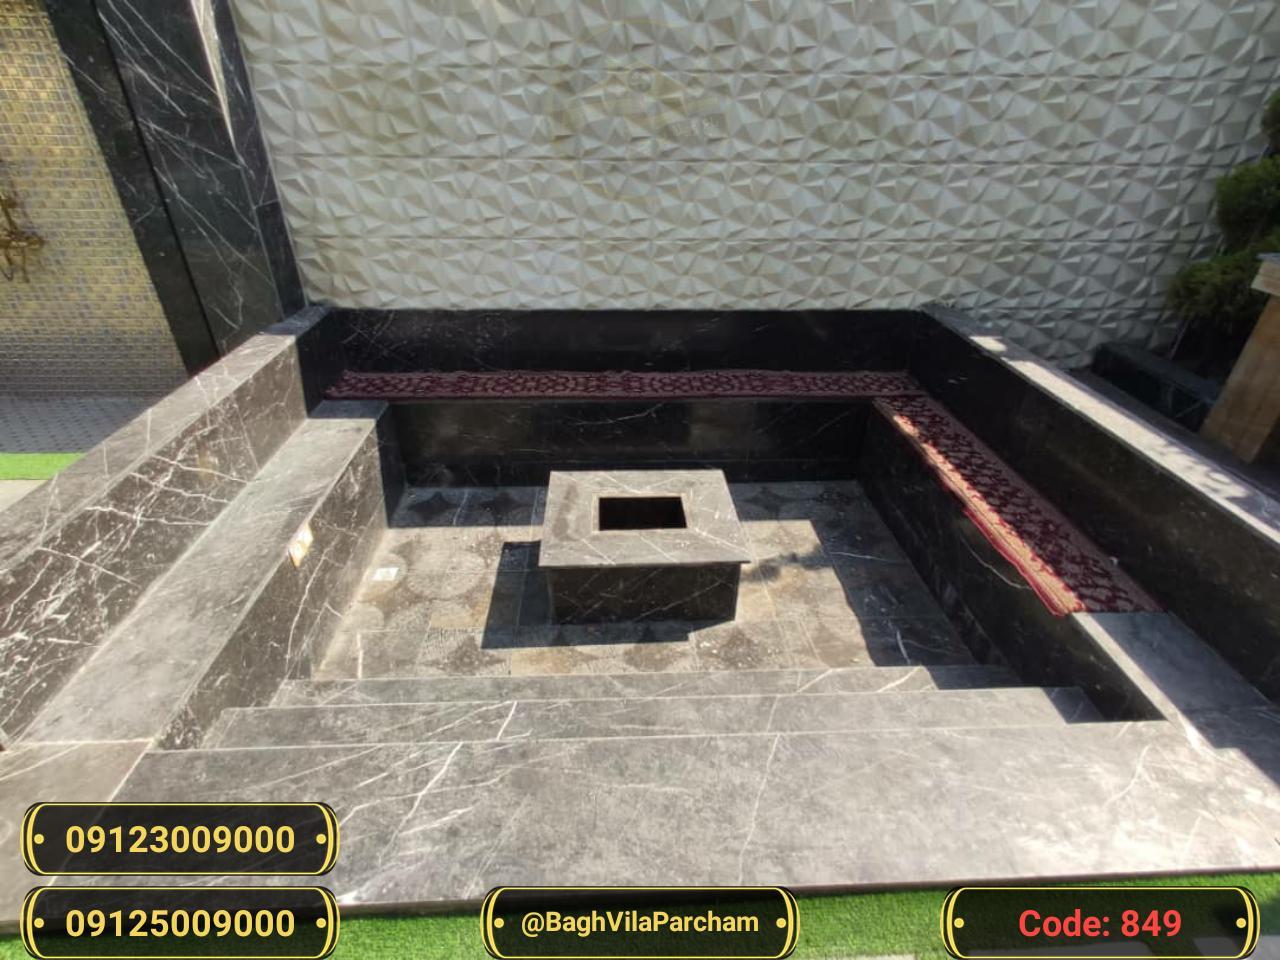 تصویر عکس باغ ویلا شماره 3 از ویلای ۶۰۰ متر ویلا مدرن و شیک Picture photo image 3 of ۶۰۰ متر ویلا مدرن و شیک